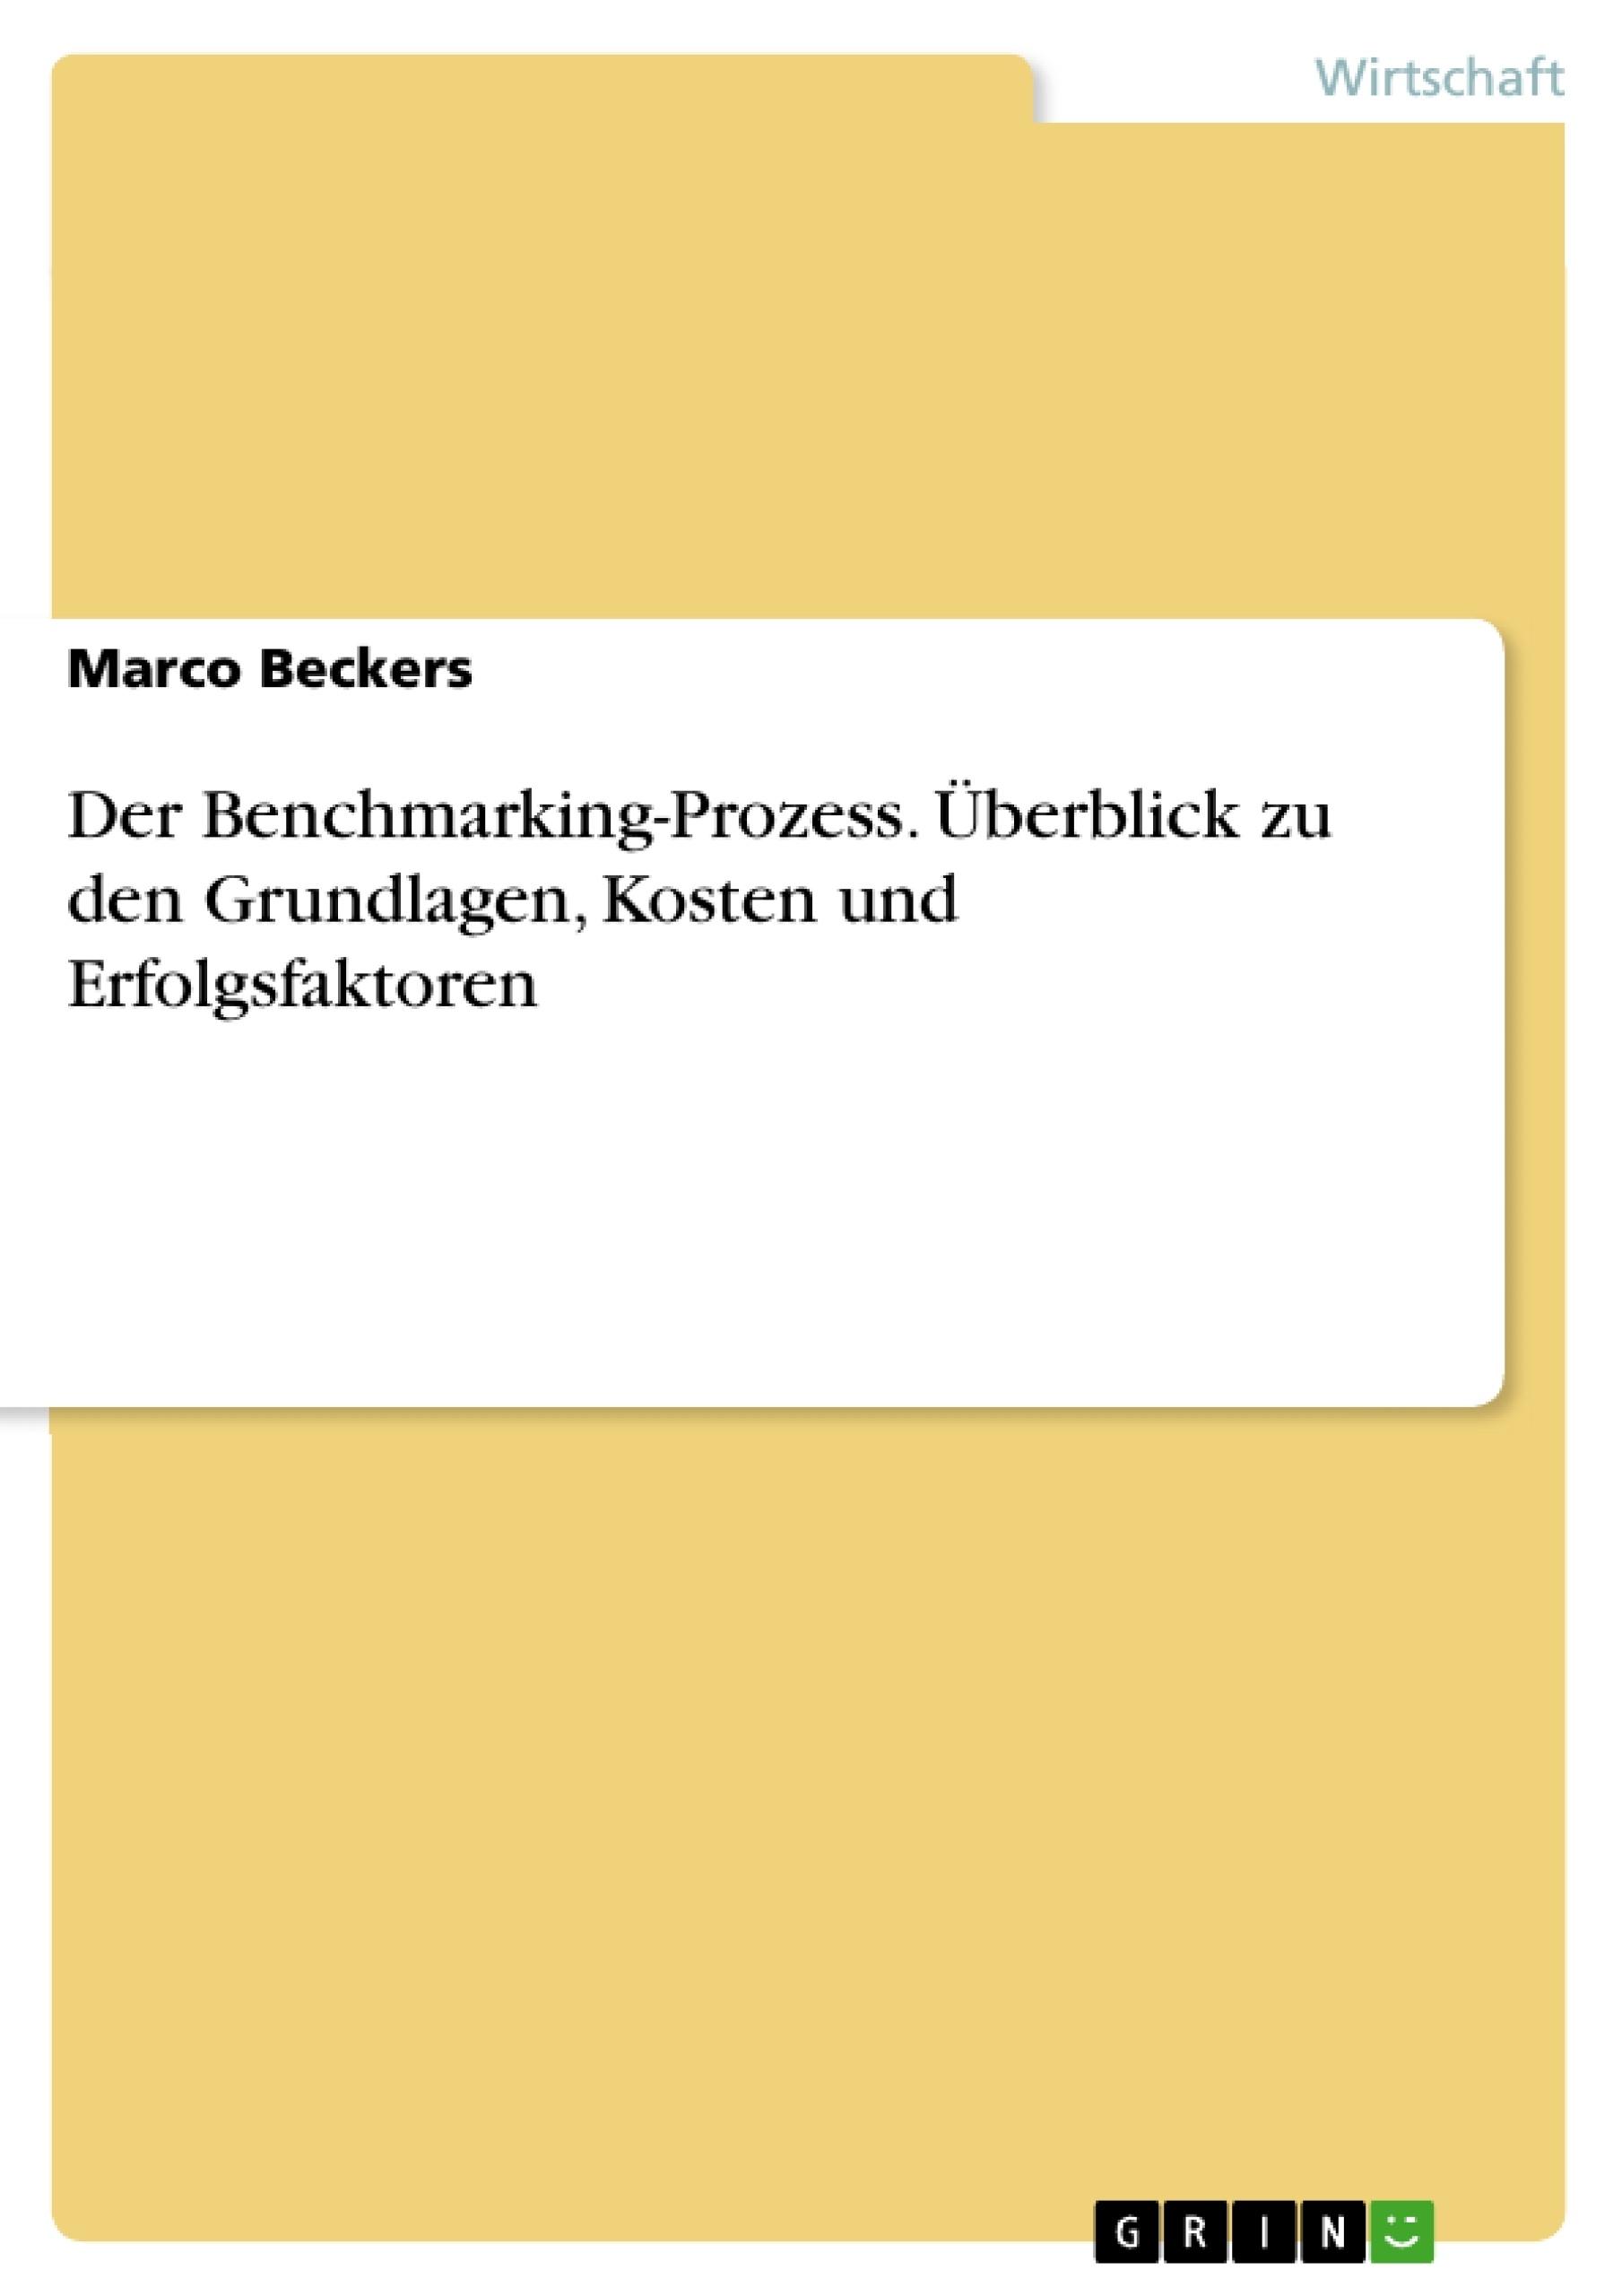 Titel: Der Benchmarking-Prozess. Überblick zu den Grundlagen, Kosten und Erfolgsfaktoren